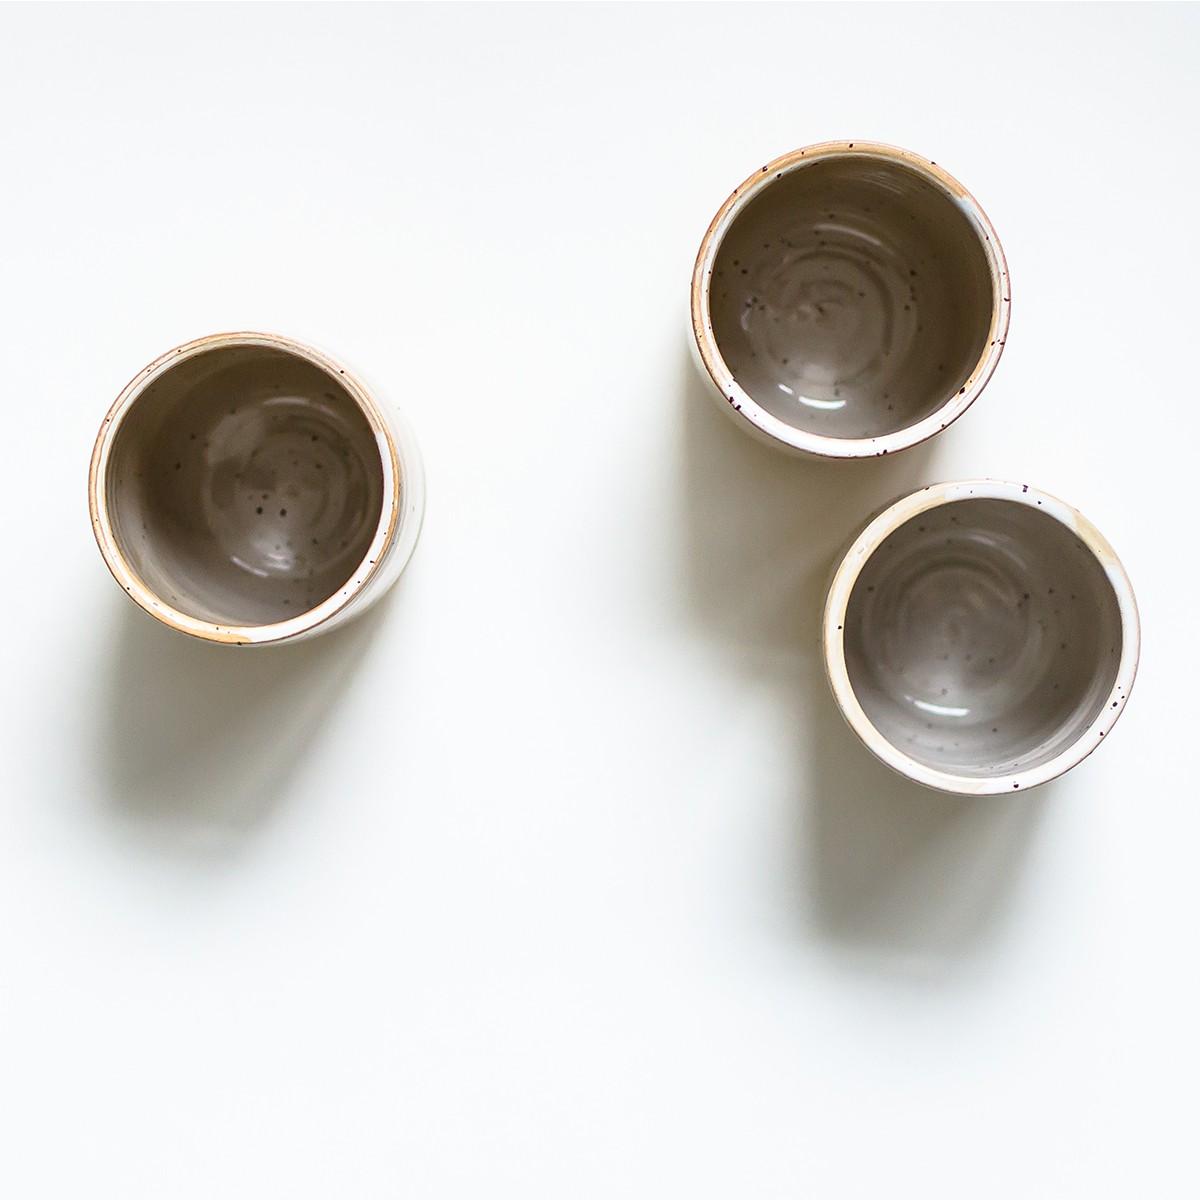 Becher beige // NOTON Keramik